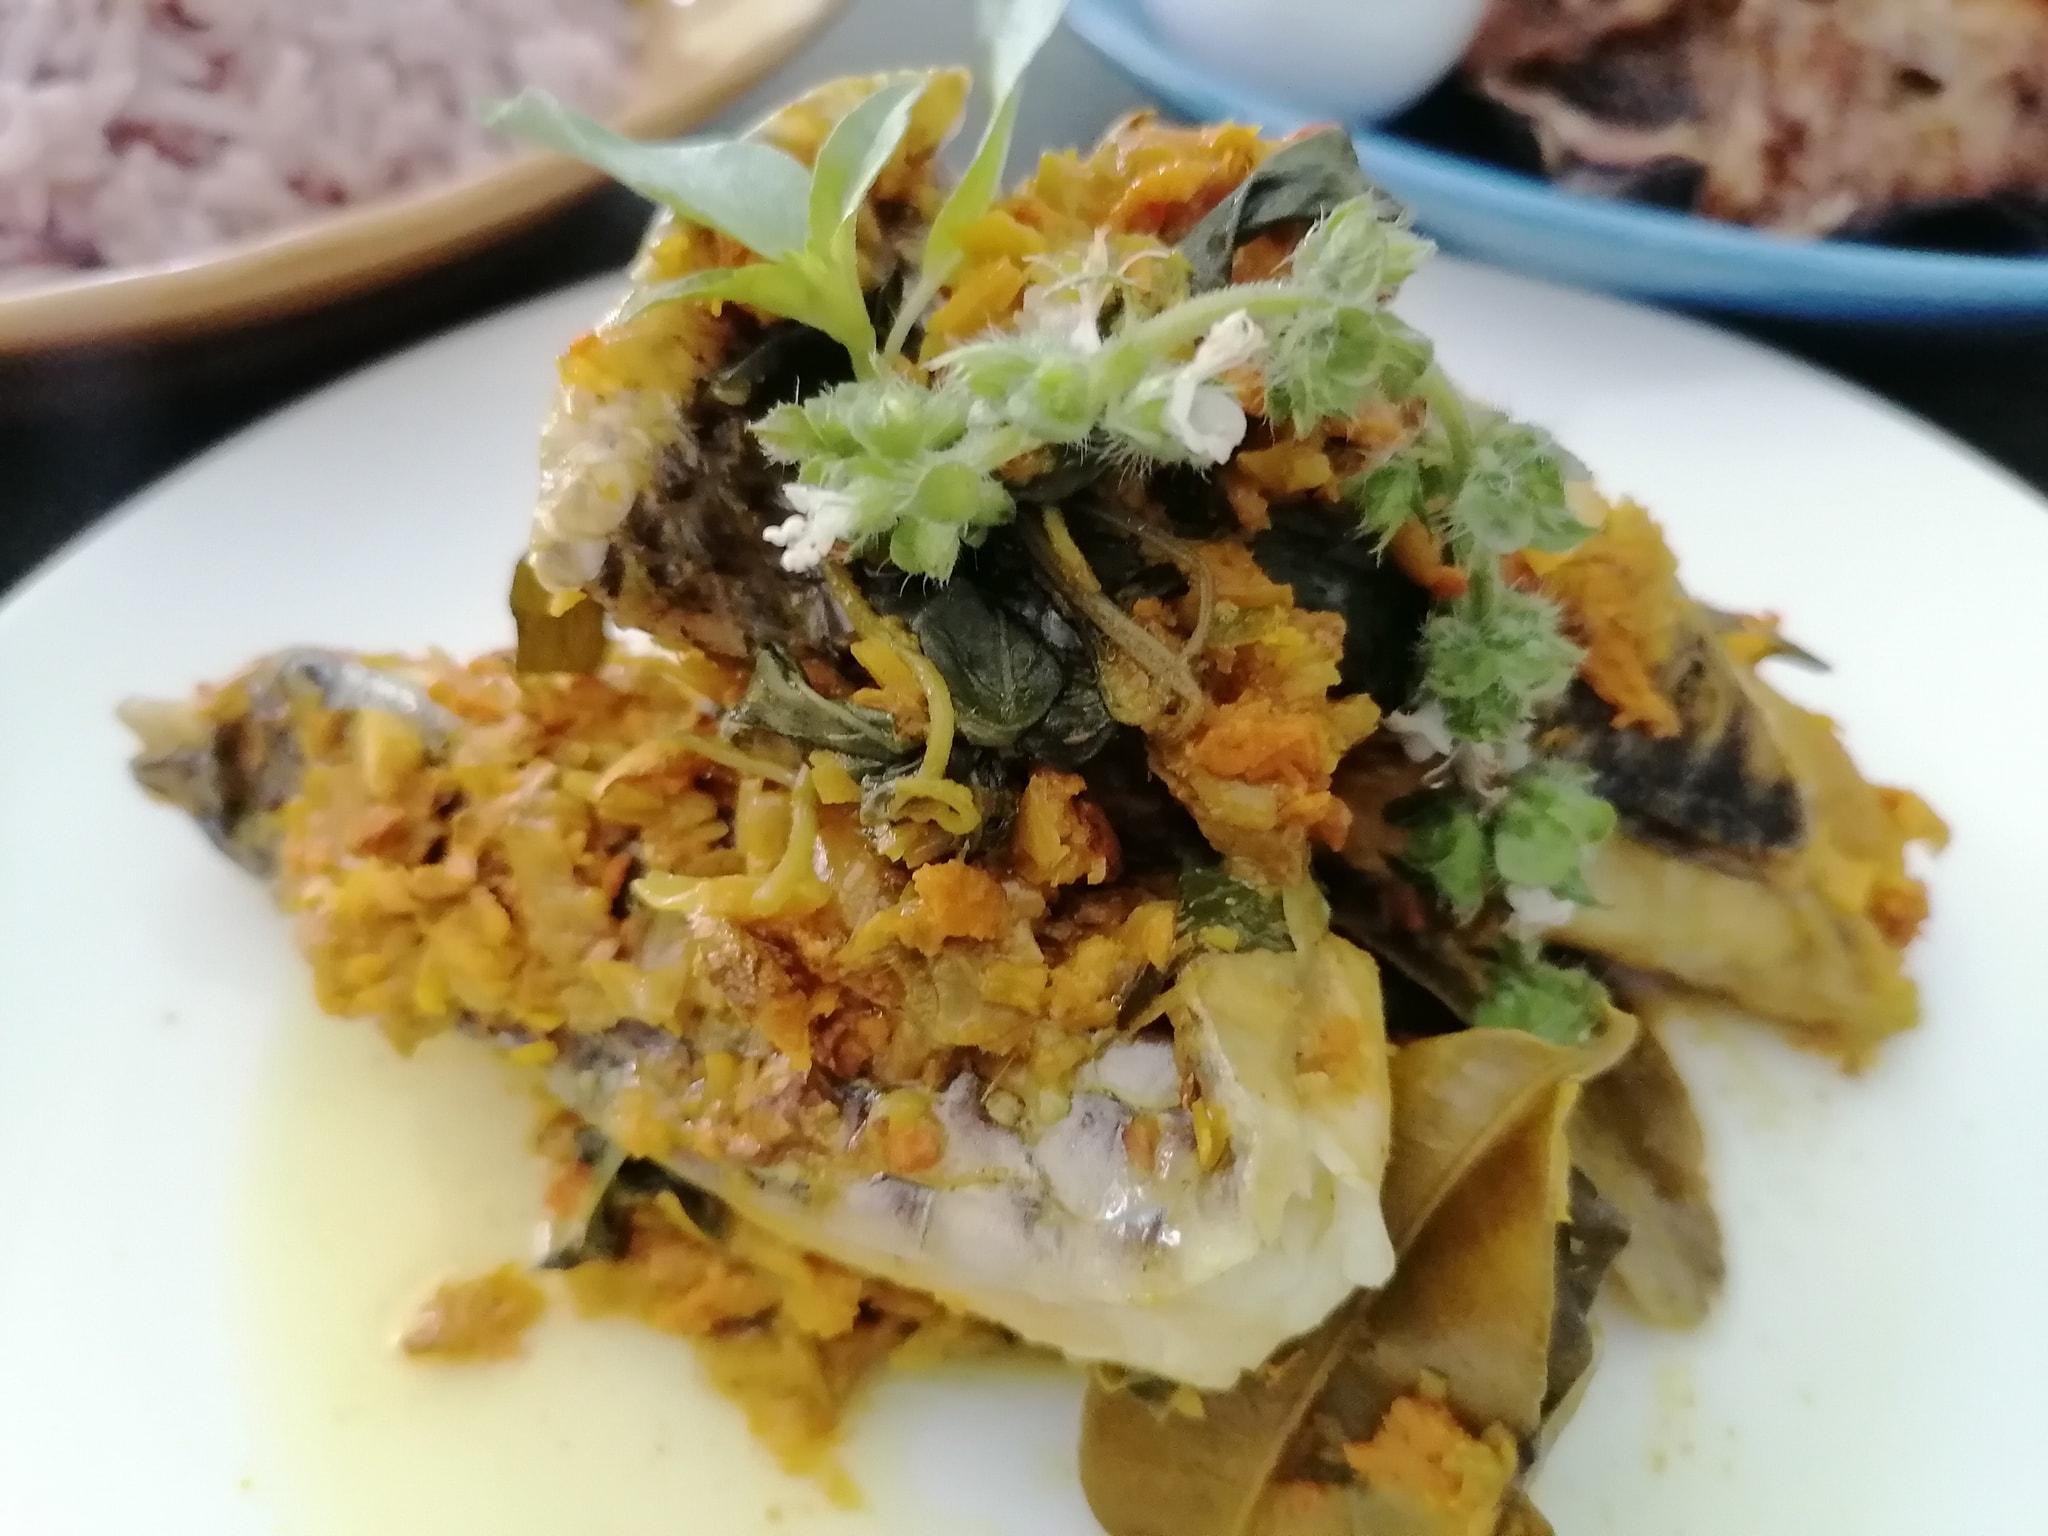 ห่อหมกปลาสมุนไพร สูตรอาหาร วิธีทำ แม่บ้าน